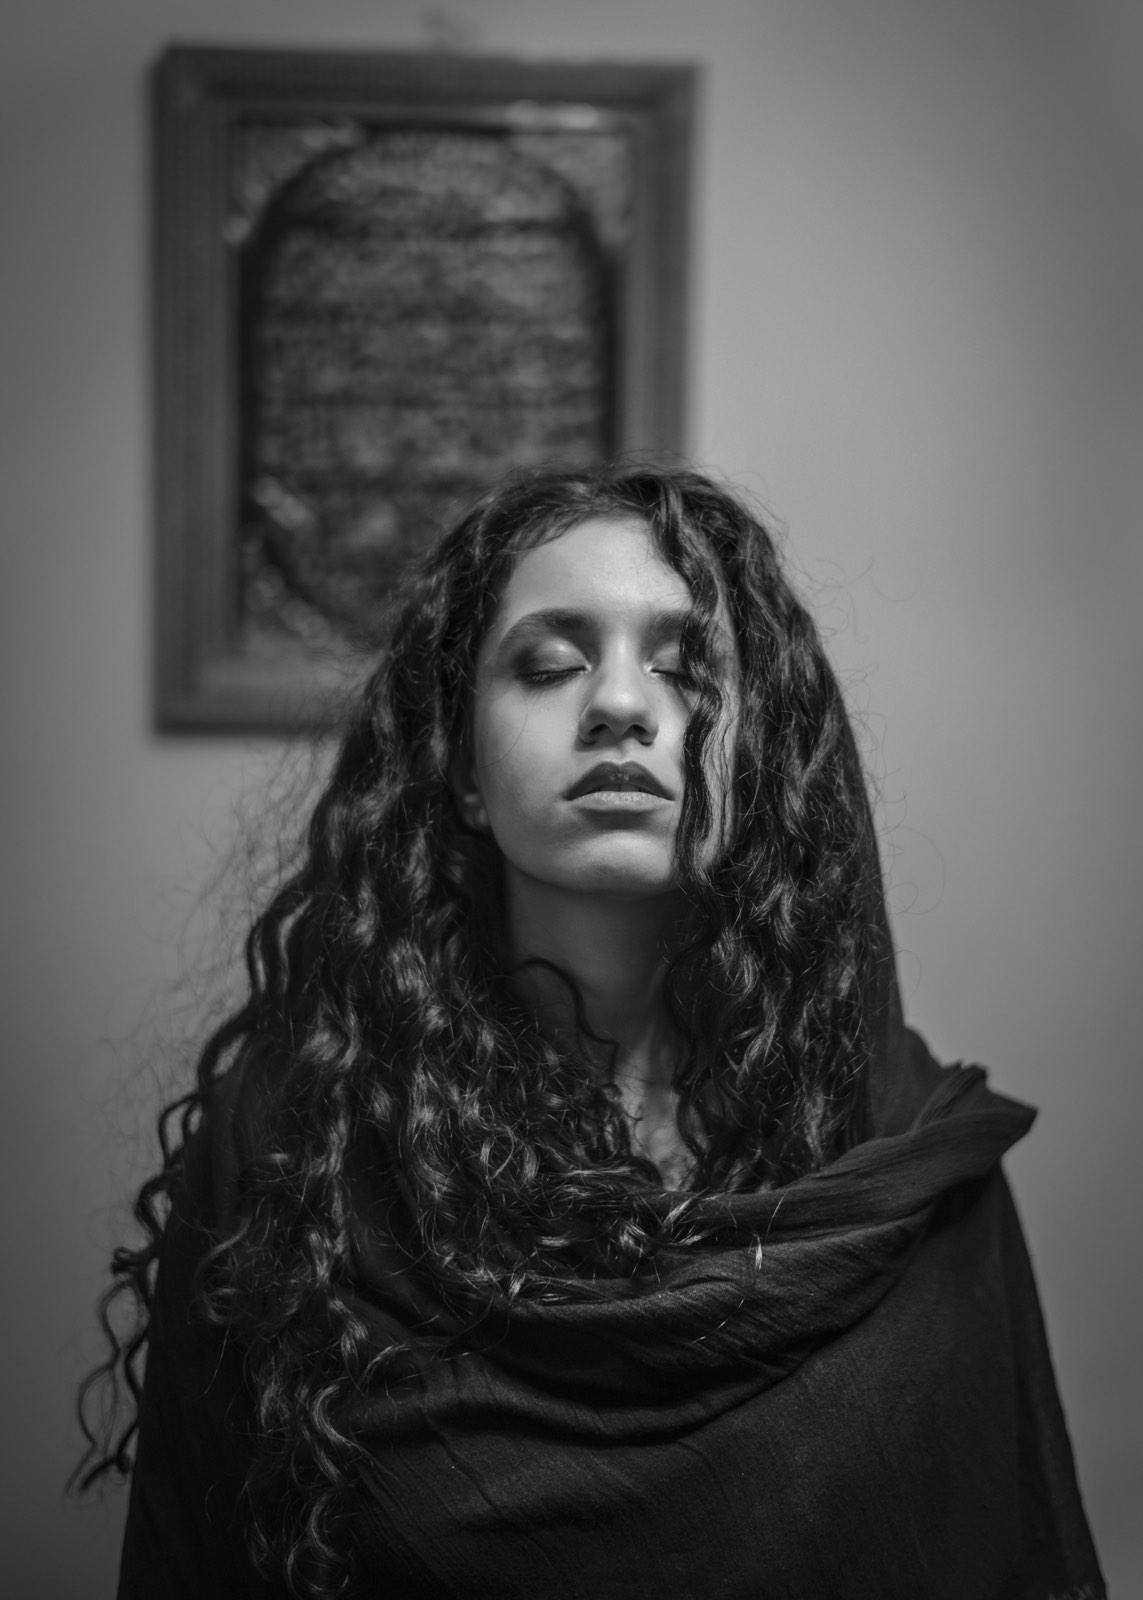 Foto van Mona Alikah van jonge vrouw met gesloten ogen